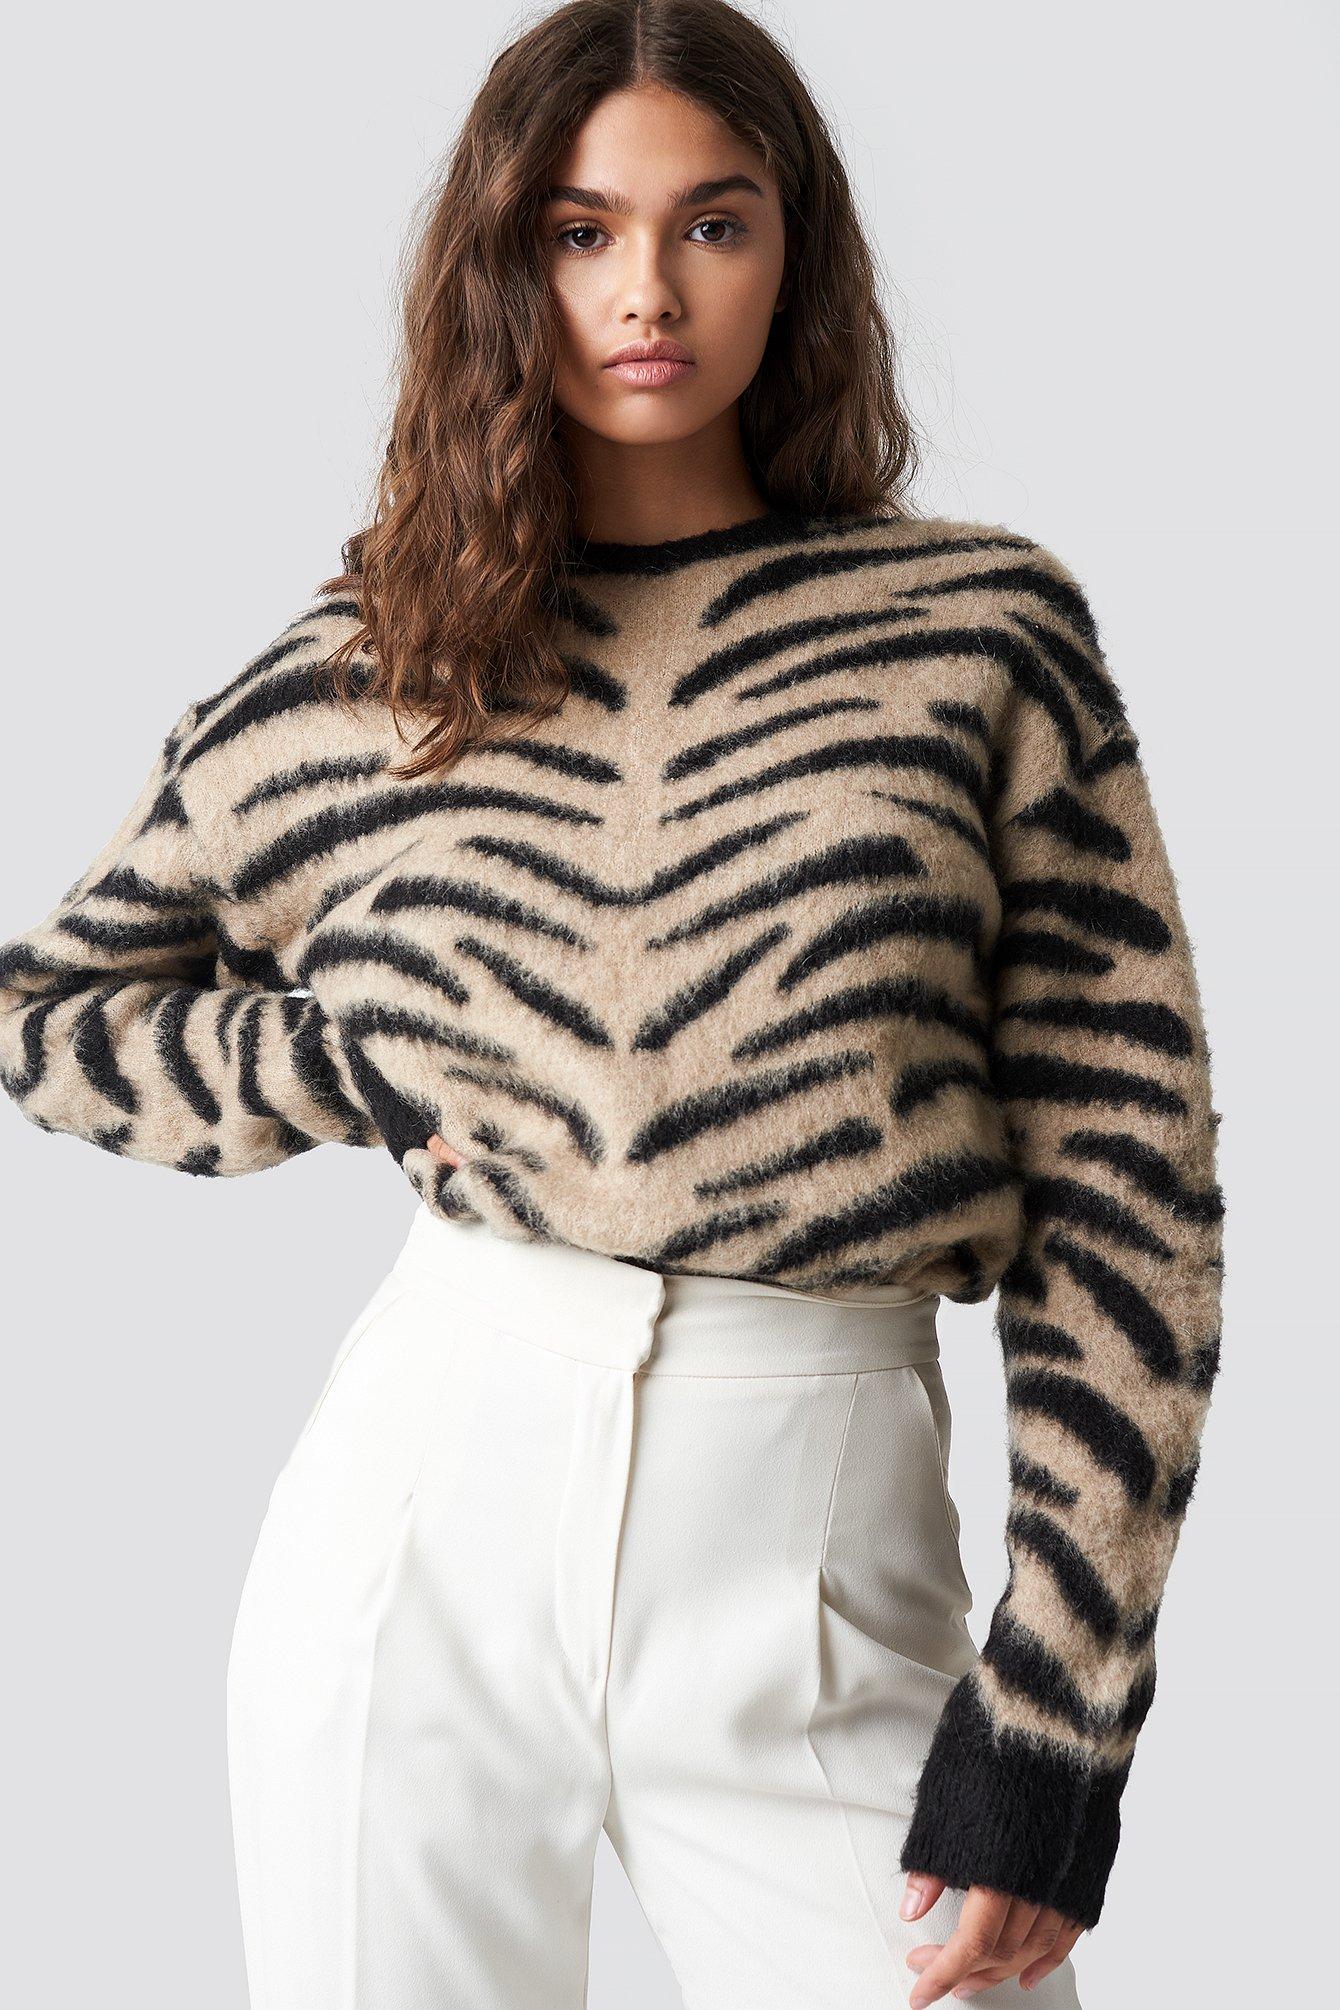 na-kd -  Brushed Zebra Knitted Sweater - Beige